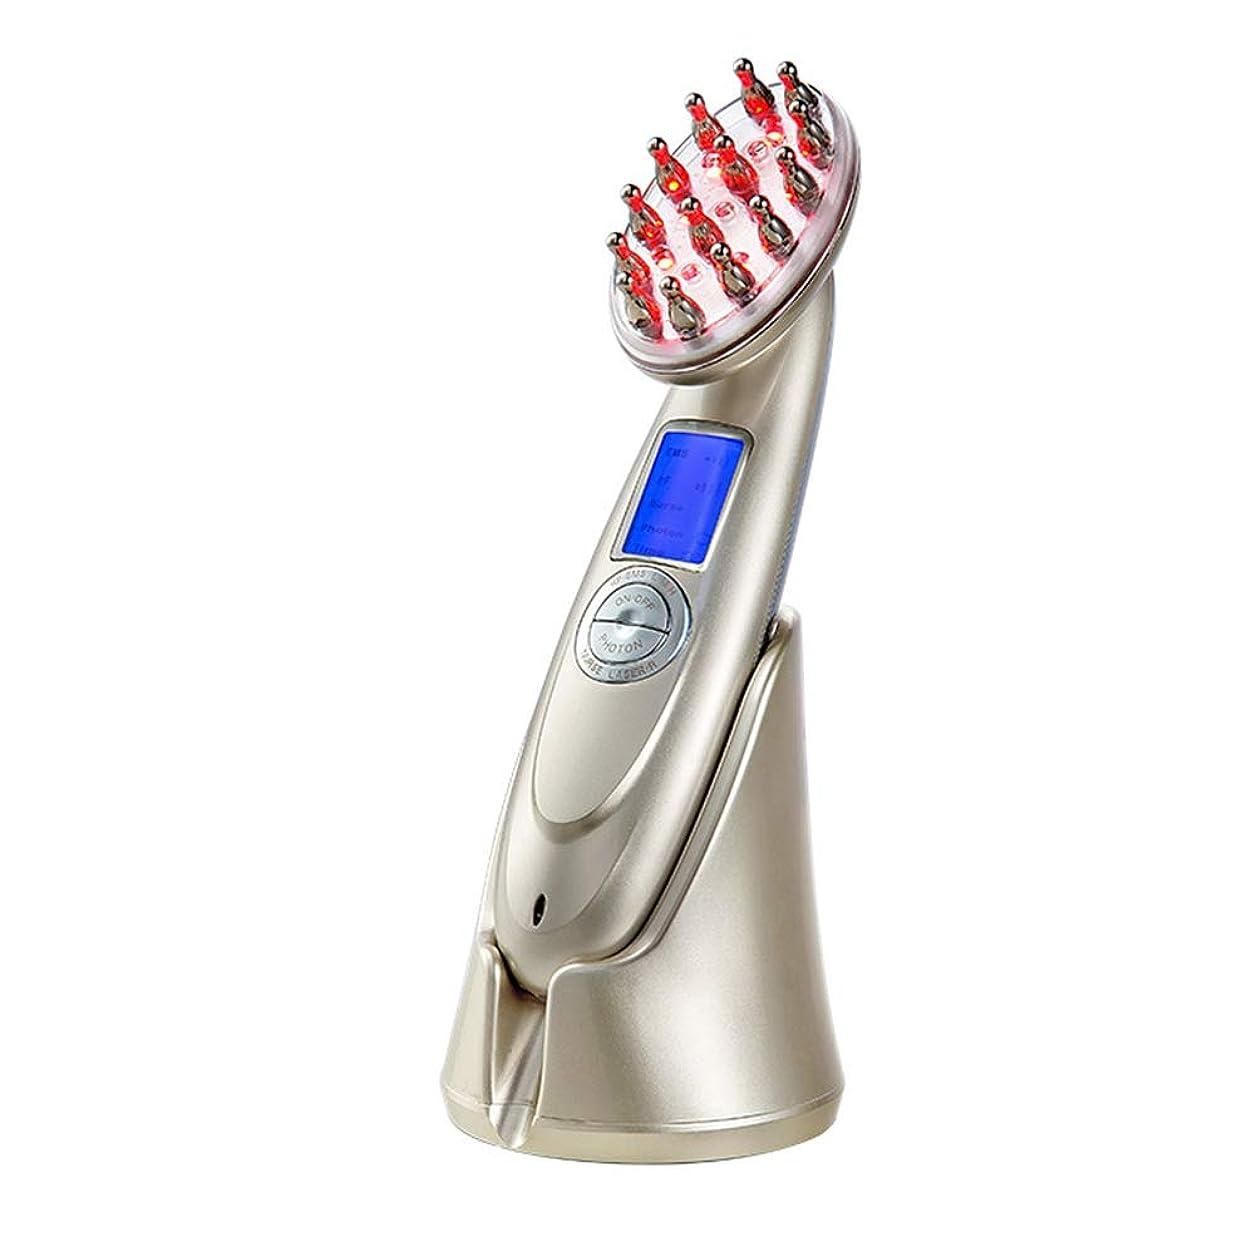 恥ずかしさ分析するシーフード高出力レーザーマッサージ櫛ソフトレーザーRF RF EMS電気楽器マッサージヘッド抗抜け毛防止器具